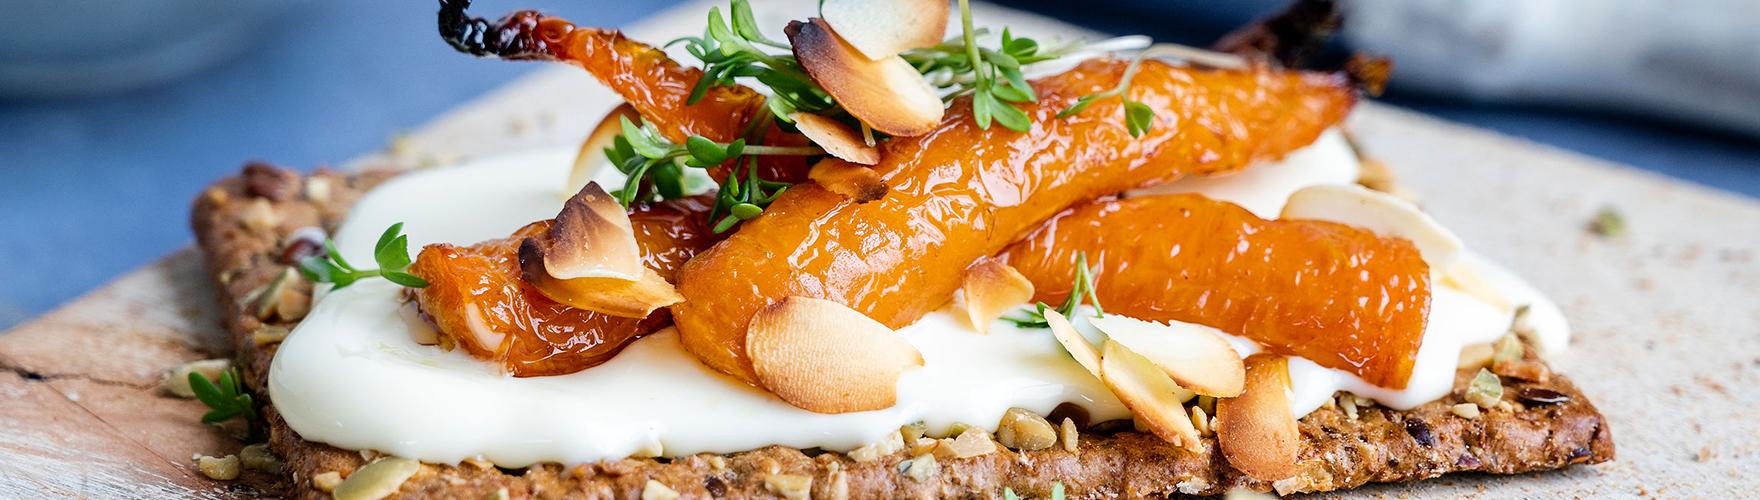 Cracker met geroosterde wortel, tuinkers en geschaafde amandelen